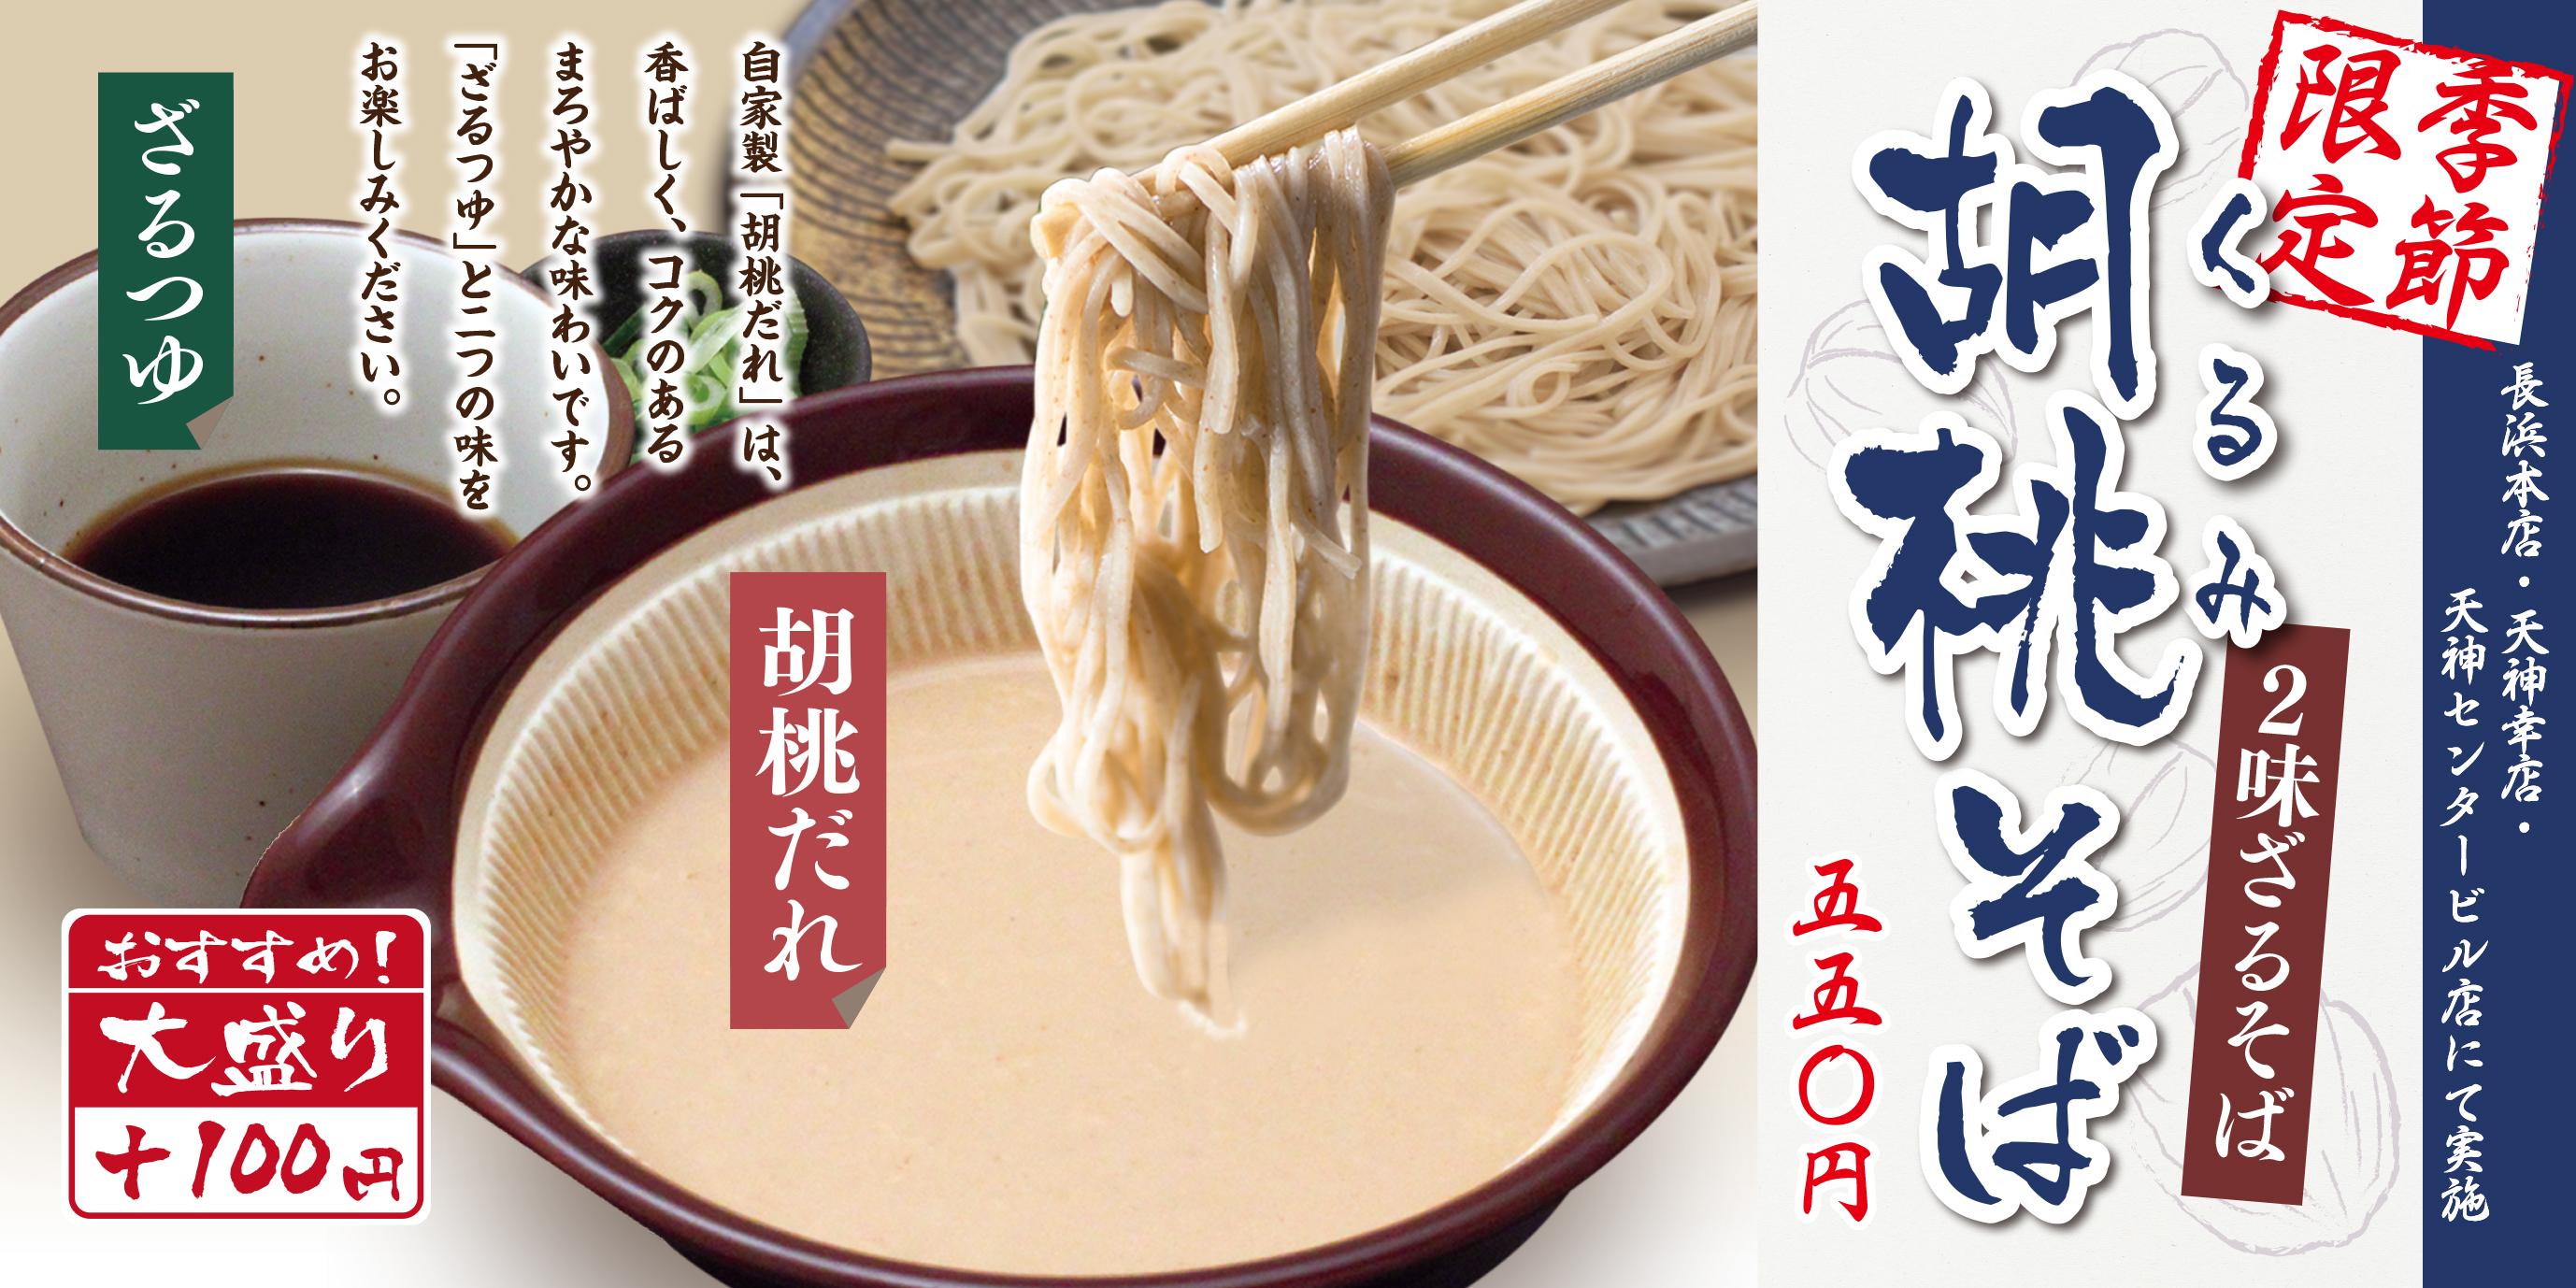 190917_胡桃そばWEB用.jpg